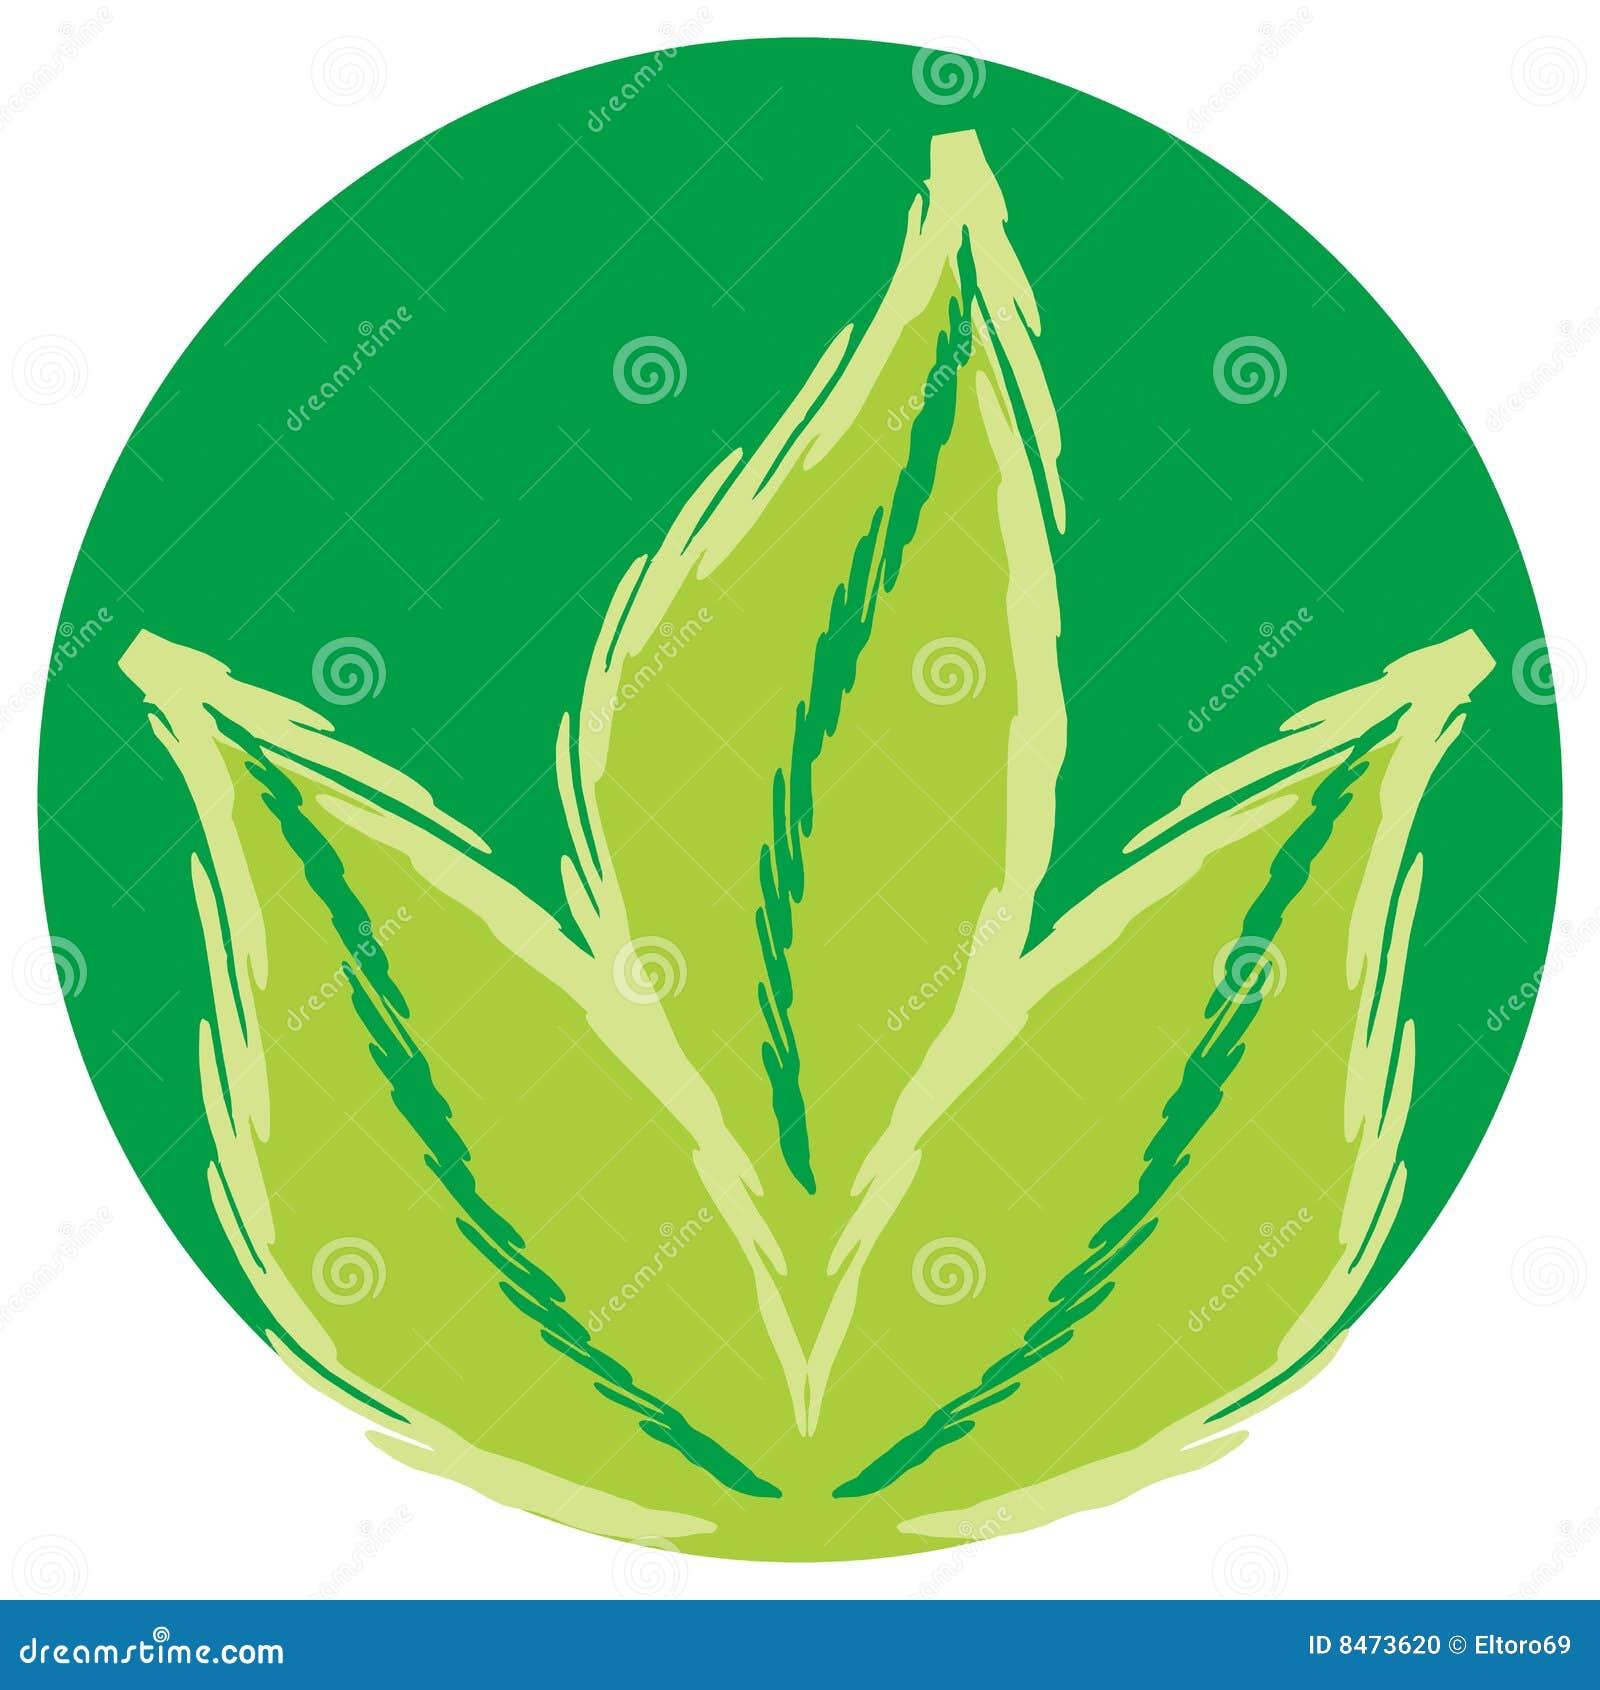 Green låter vara symbol